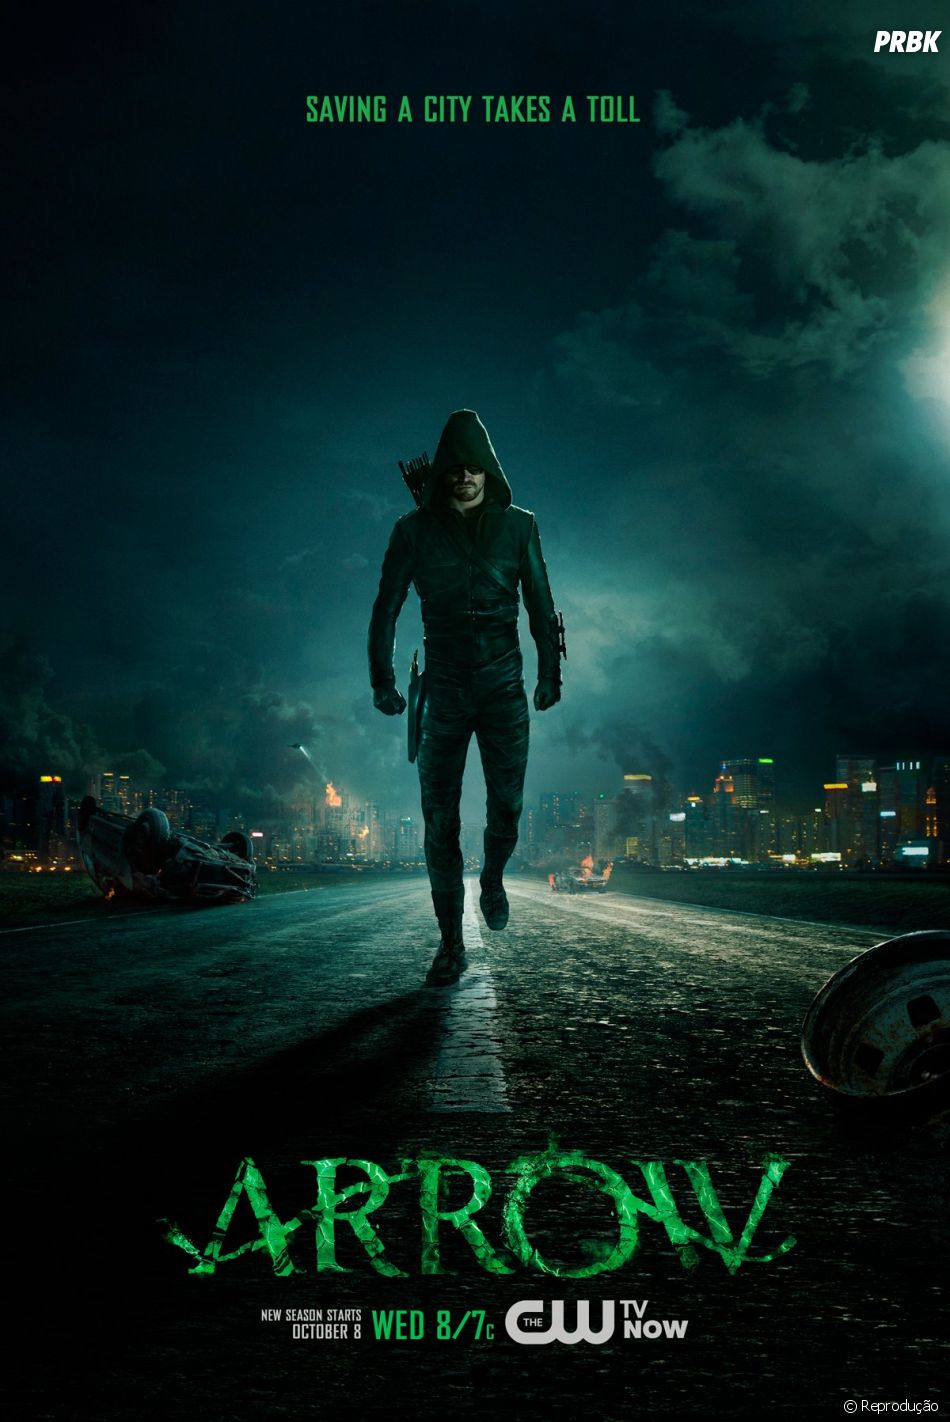 """Ponto para quem apostou em """"Arrow""""! A história do arqueiro Oliver Queen (Stephen Amell) é uma das campeãs de audiência do canal norte-americano The CW"""